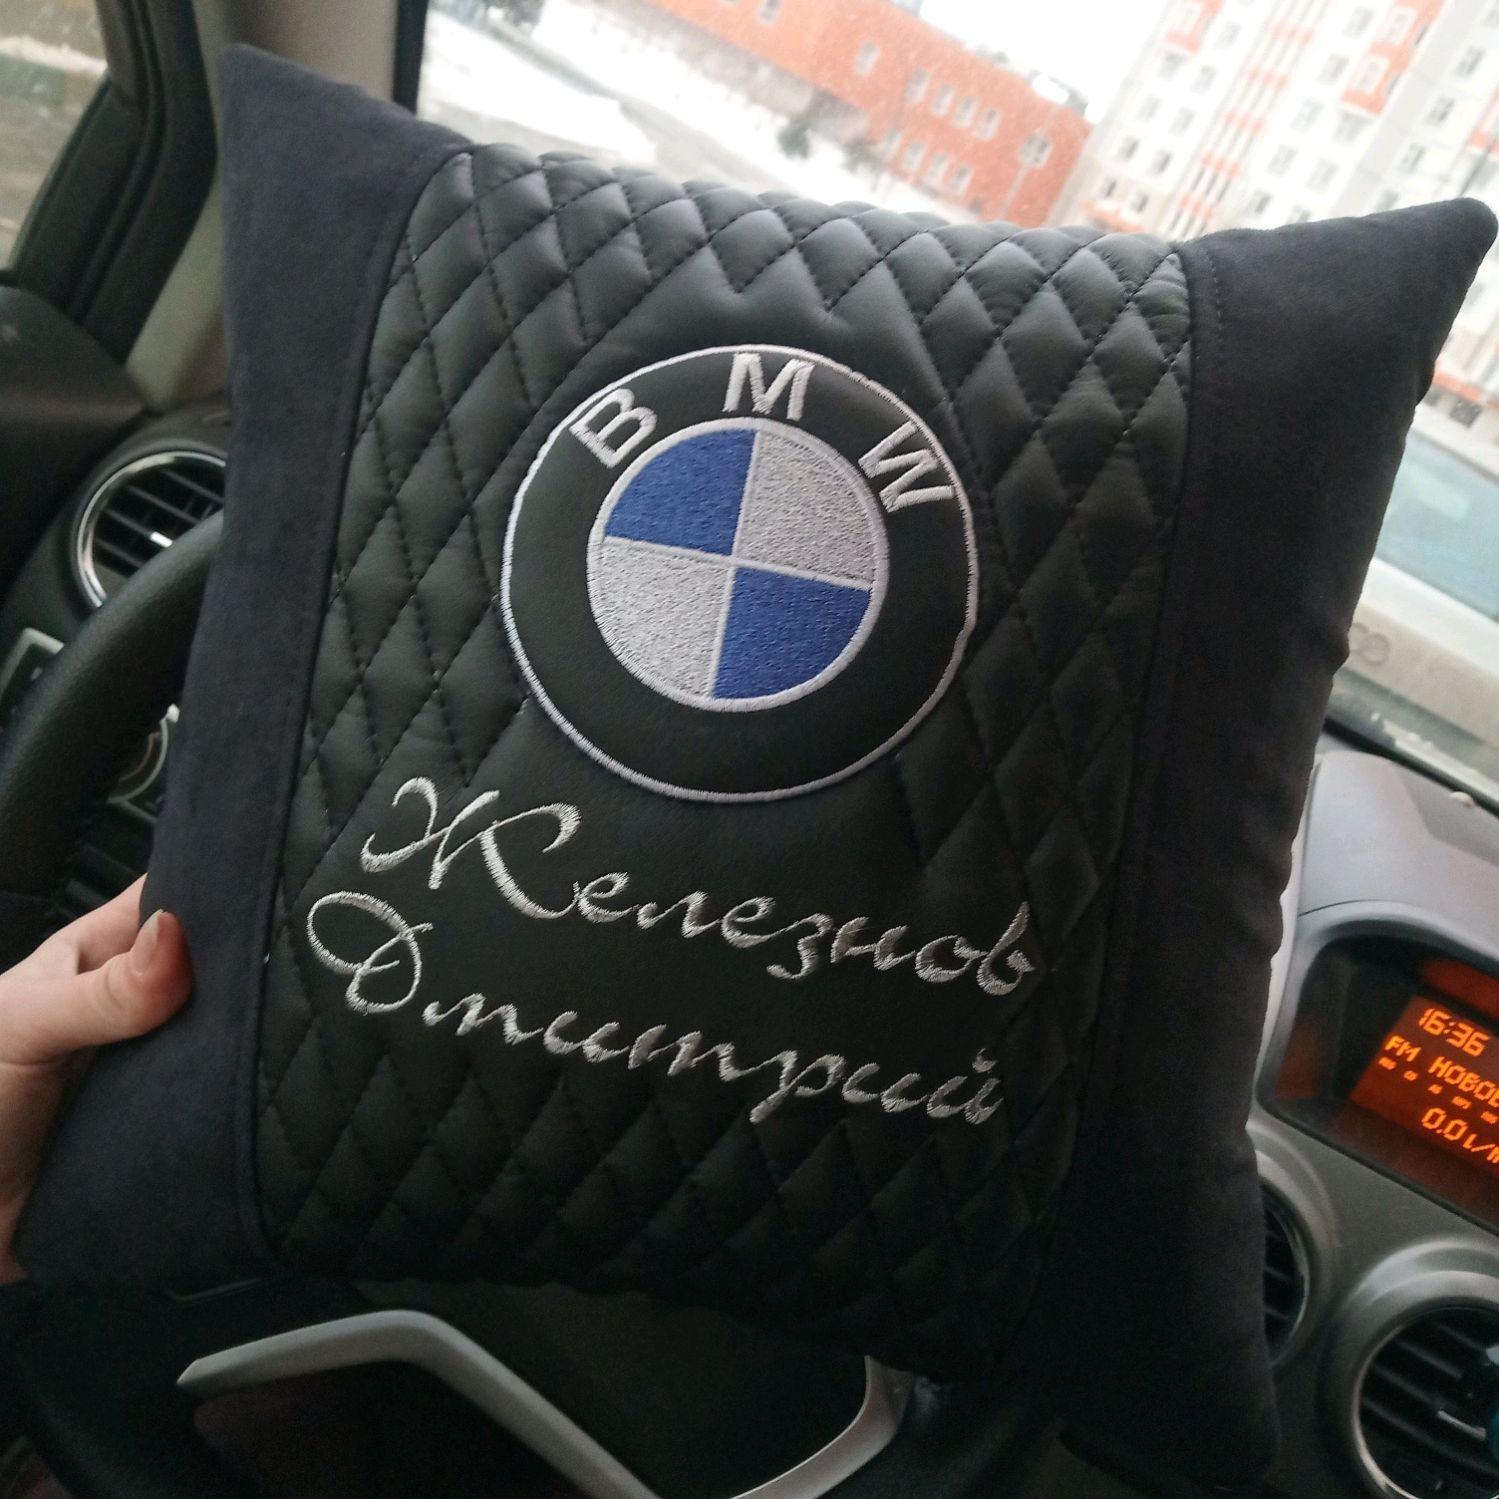 Автомобильная подушка с логотипом Bmw, Автомобильные сувениры, Москва,  Фото №1